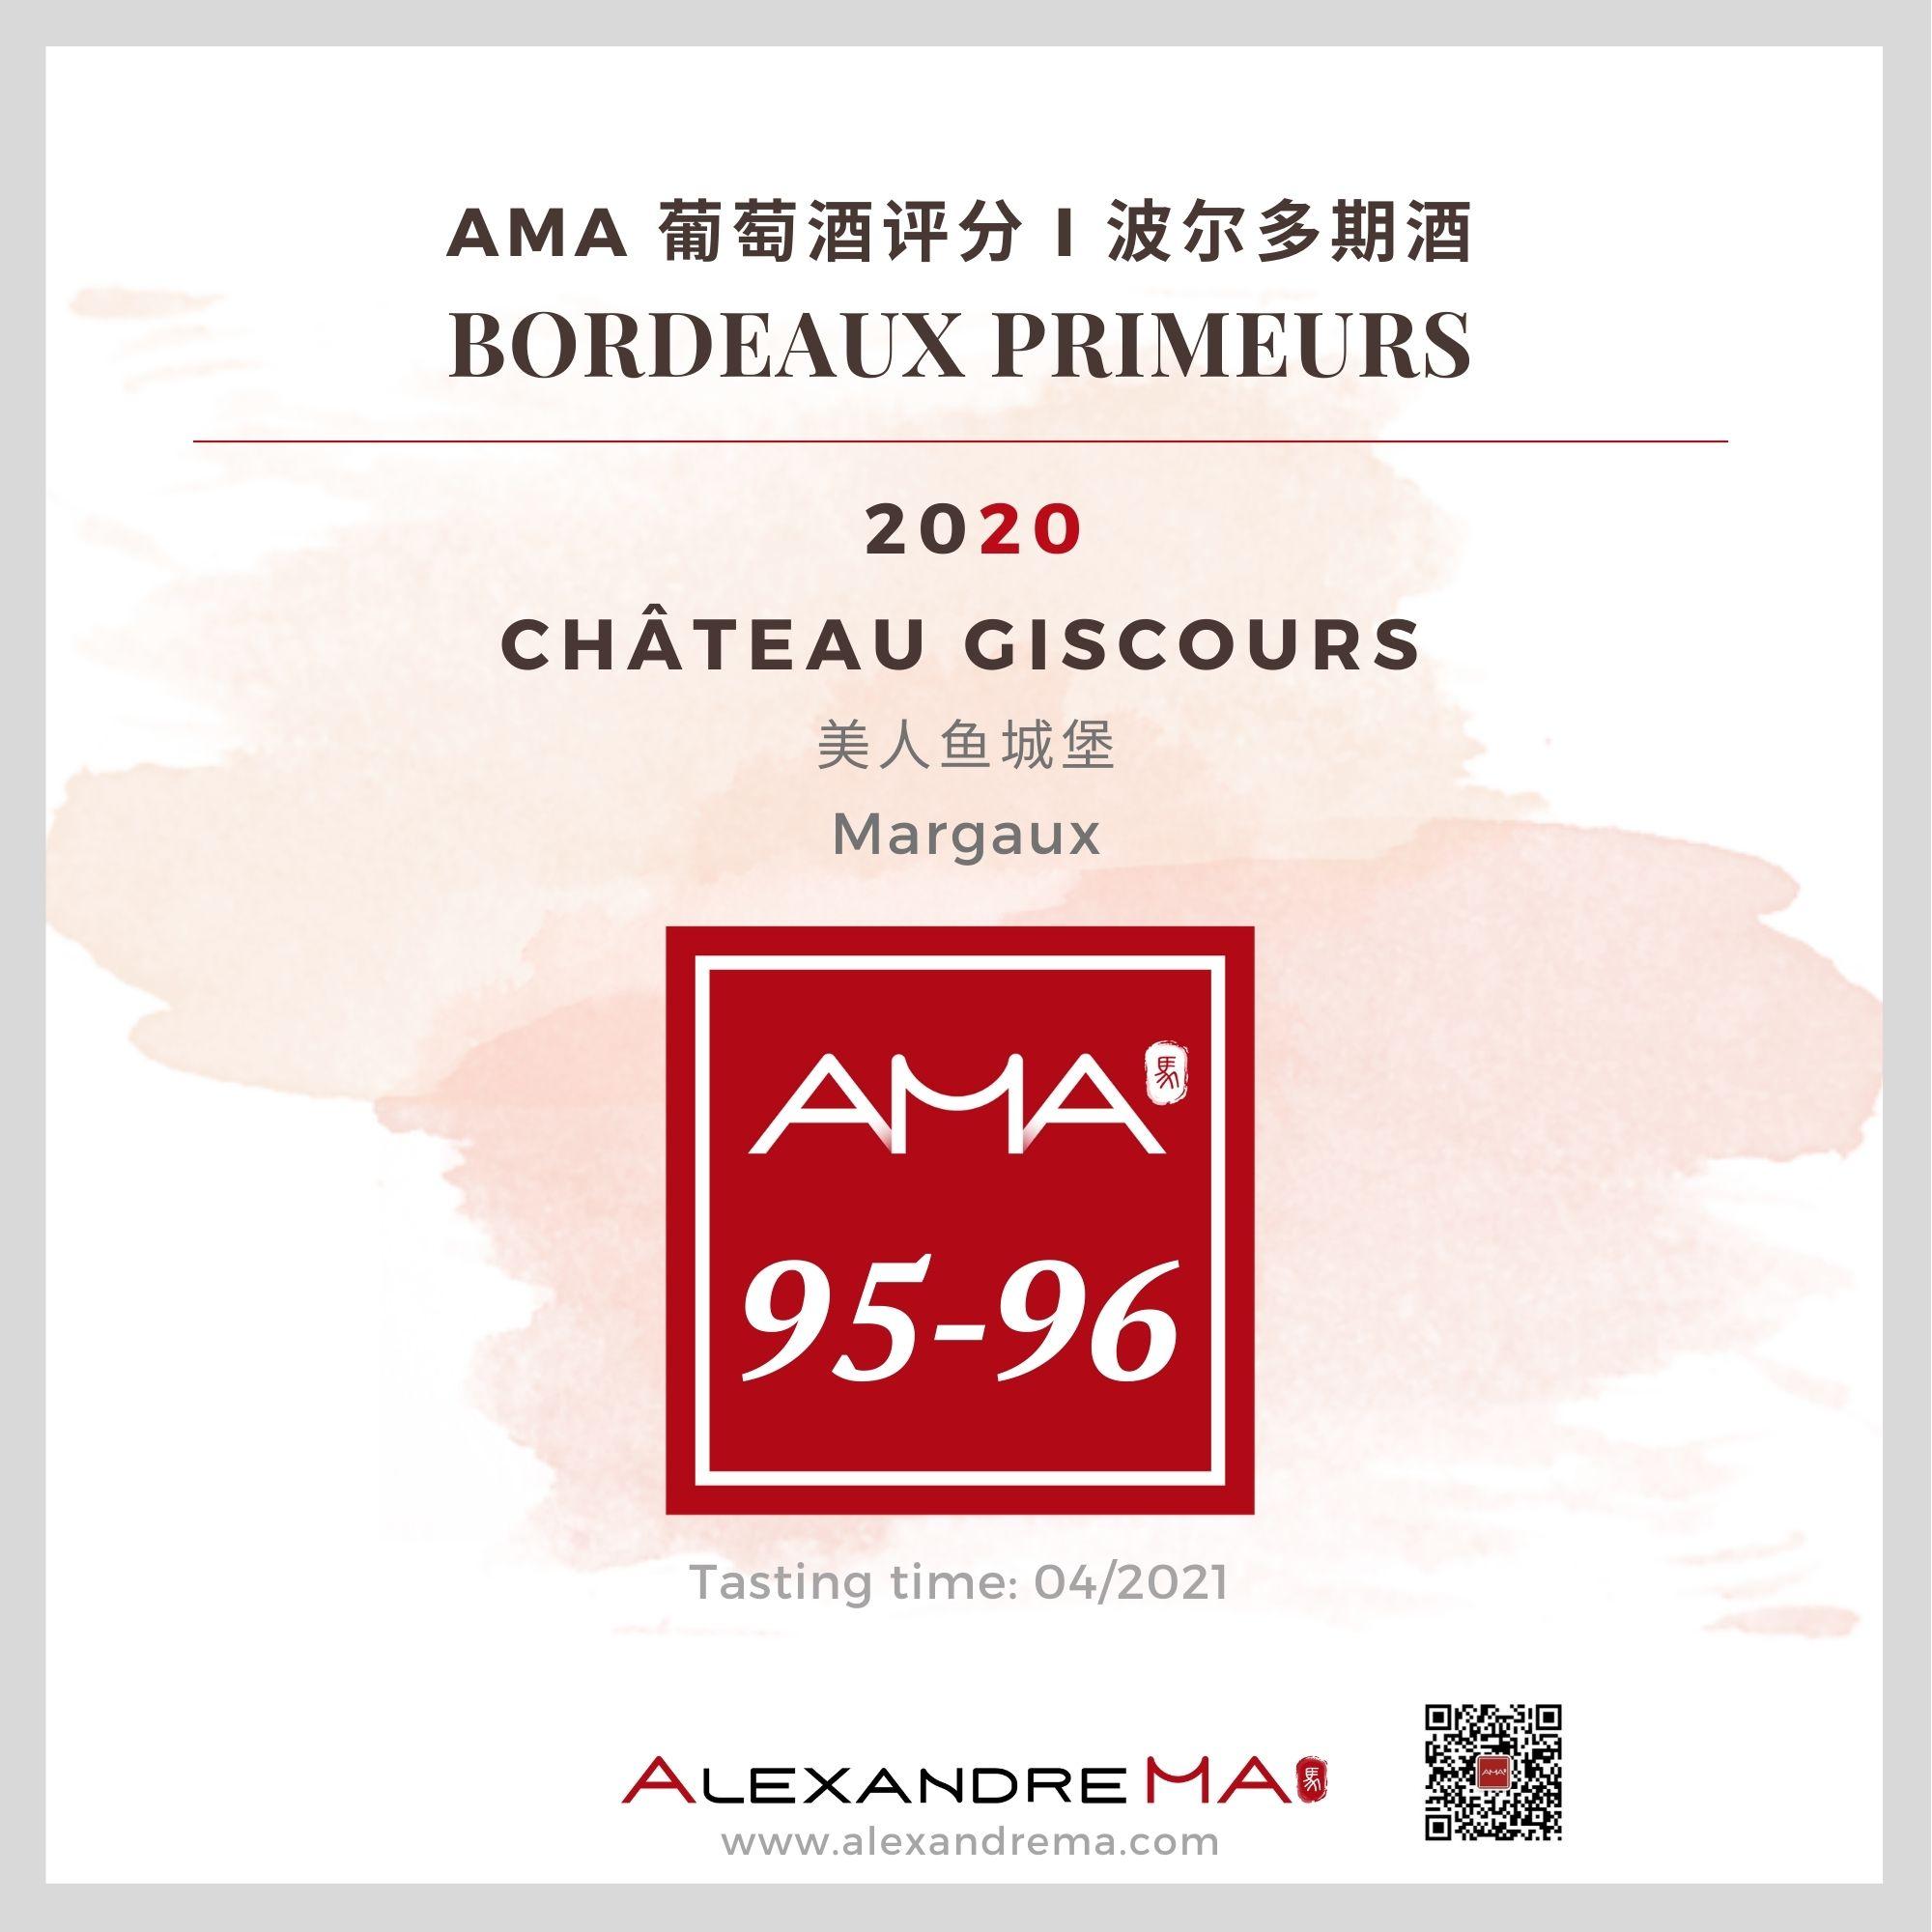 Château Giscours 2020 - Alexandre MA